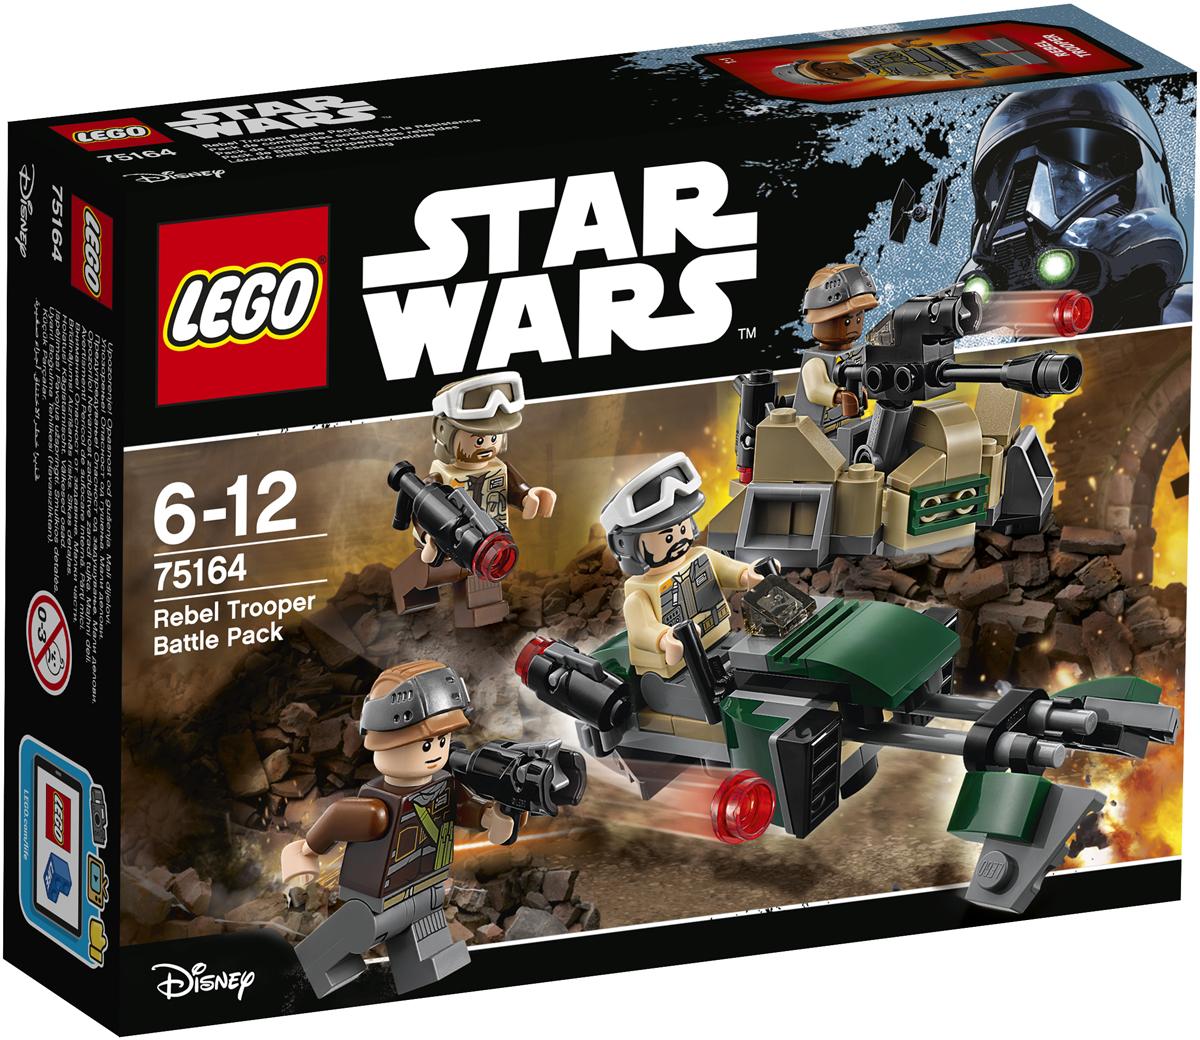 LEGO Star Wars Конструктор Боевой набор Повстанцев 7516475164Запрыгивайте на скоростной спидер Повстанцев и отправляйтесь на разведку: Империя снова что-то замышляет. Когда обнаружите имперские войска, спрячьтесь в траншее, зарядите пушку и помогите Повстанцам сокрушить врага на поле боя. Набор включает в себя 120 разноцветных элементов и четыре минифигурки. Конструктор - это один из самых увлекательных и веселых способов времяпрепровождения. Ребенок сможет часами играть с конструктором, придумывая различные ситуации и истории.